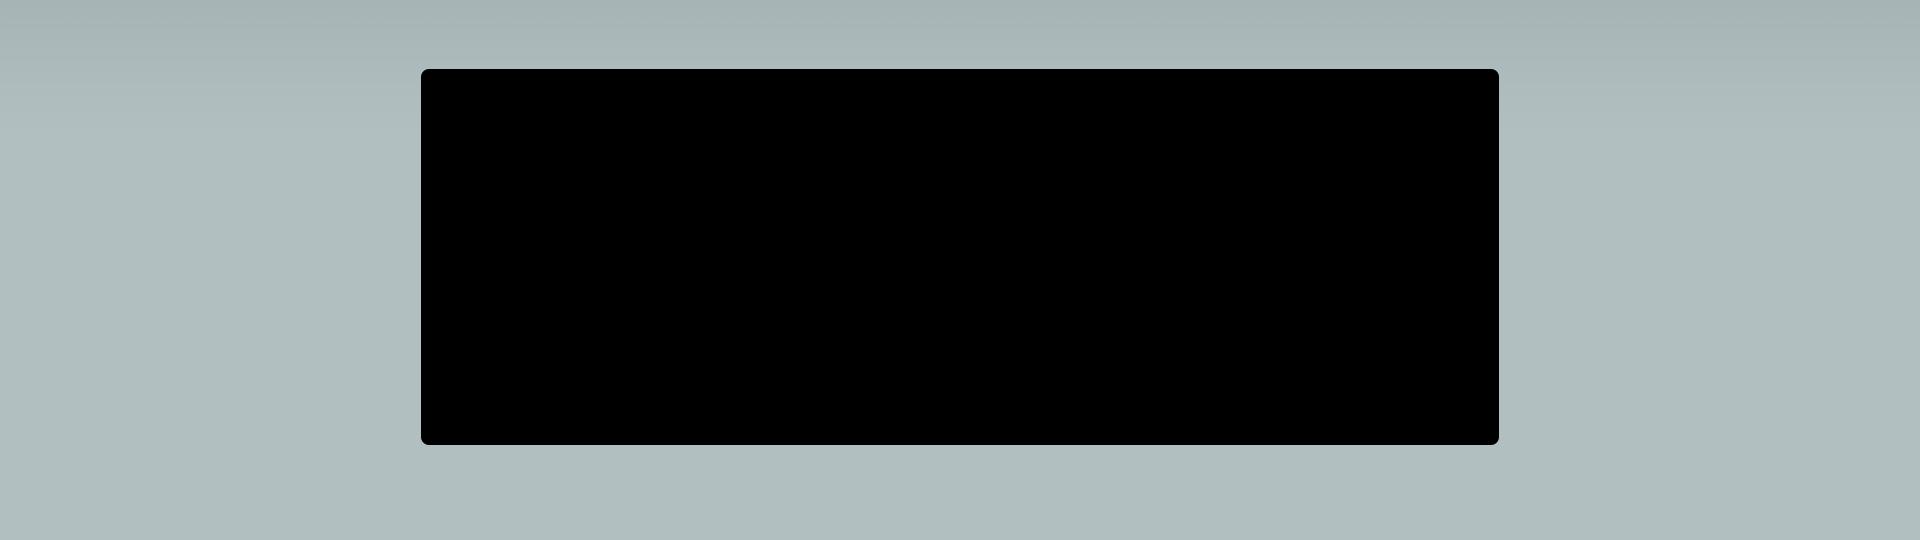 CATEGORY-OUTDOR-GIYIMURUNLERINDESEZONFIRSATLARI-21-09